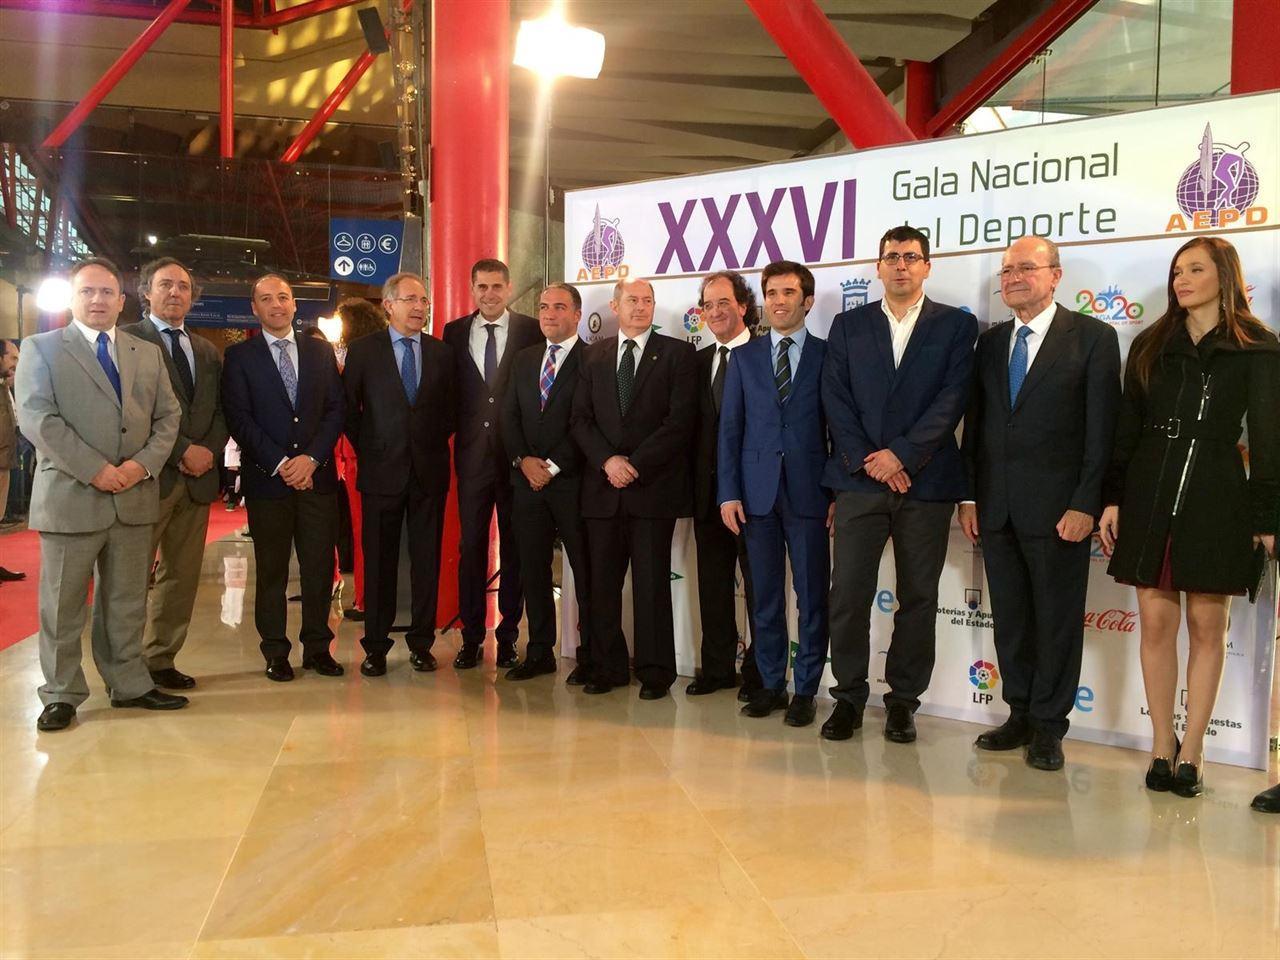 Valladolid sede de la XXXVII Gala Nacional del Deporte 2017